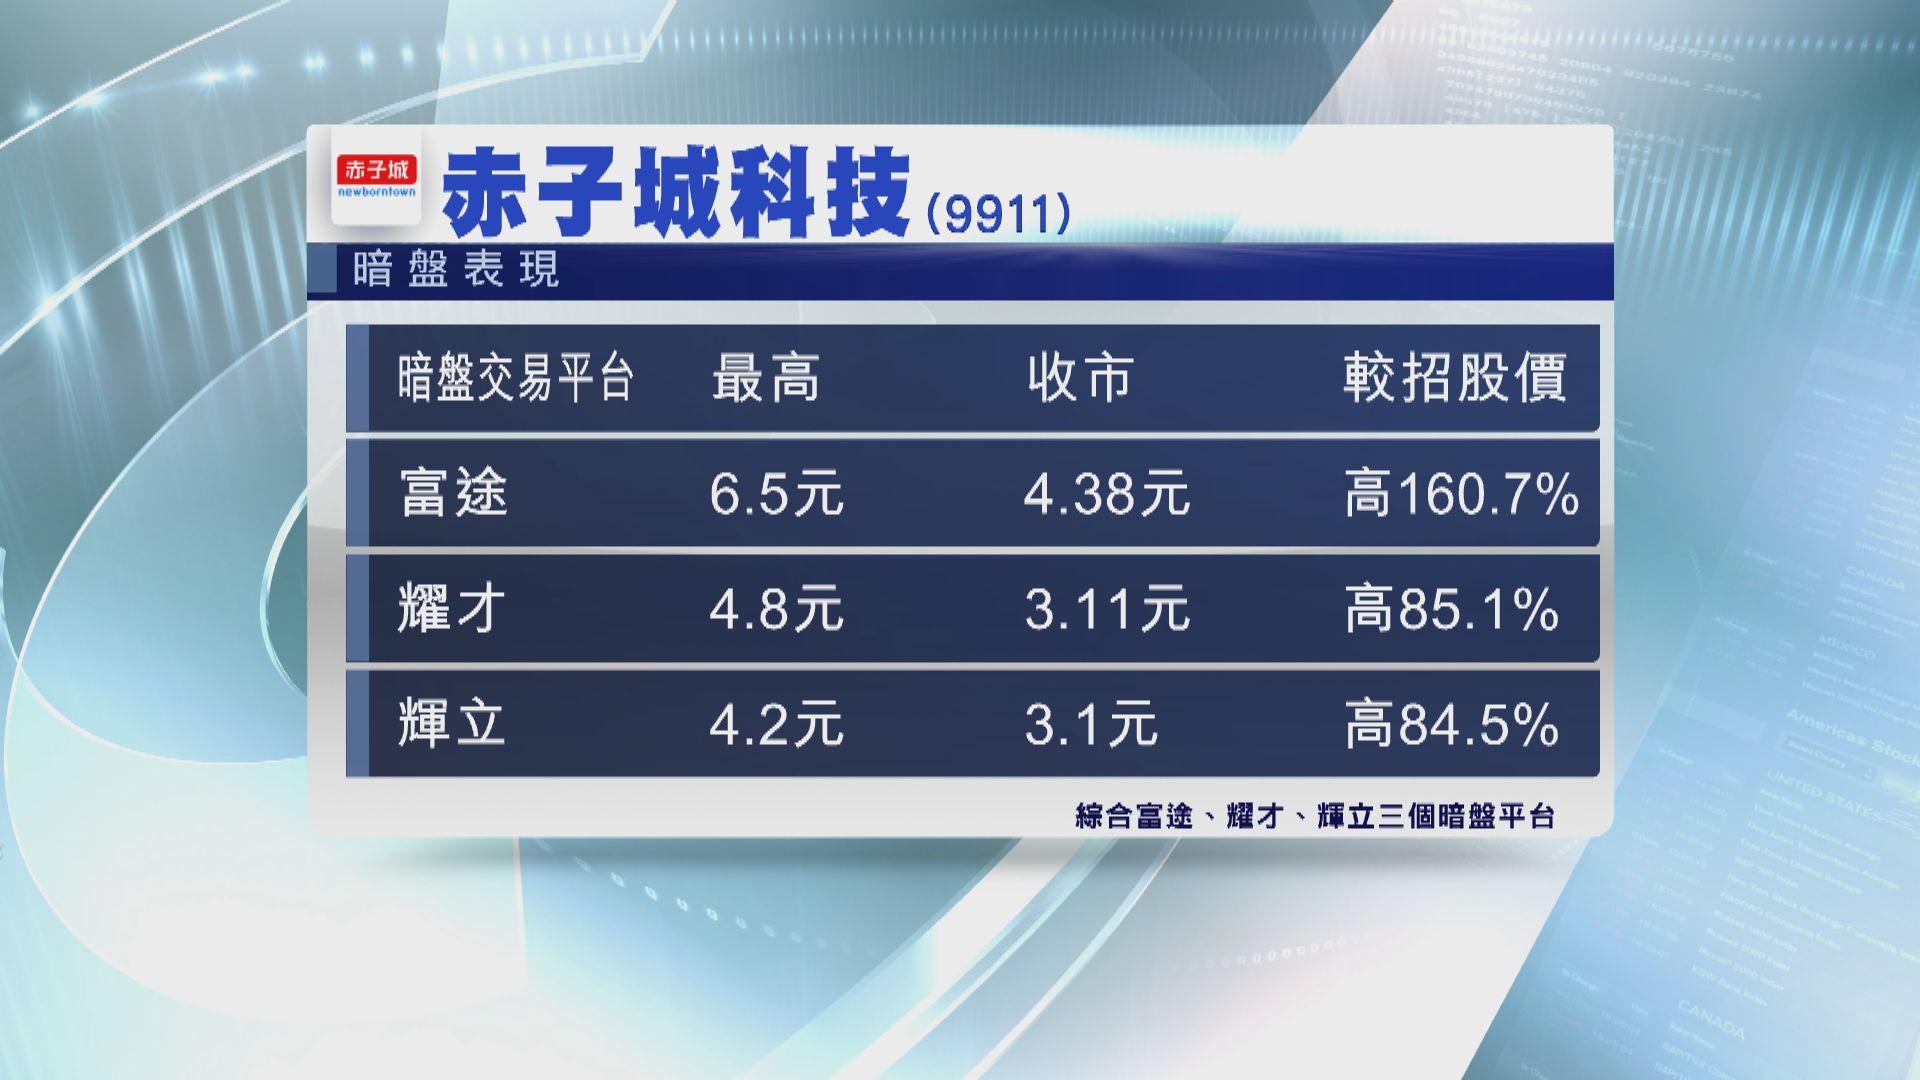 【超購王】赤子城科技暗盤曾炒高逾2.8倍